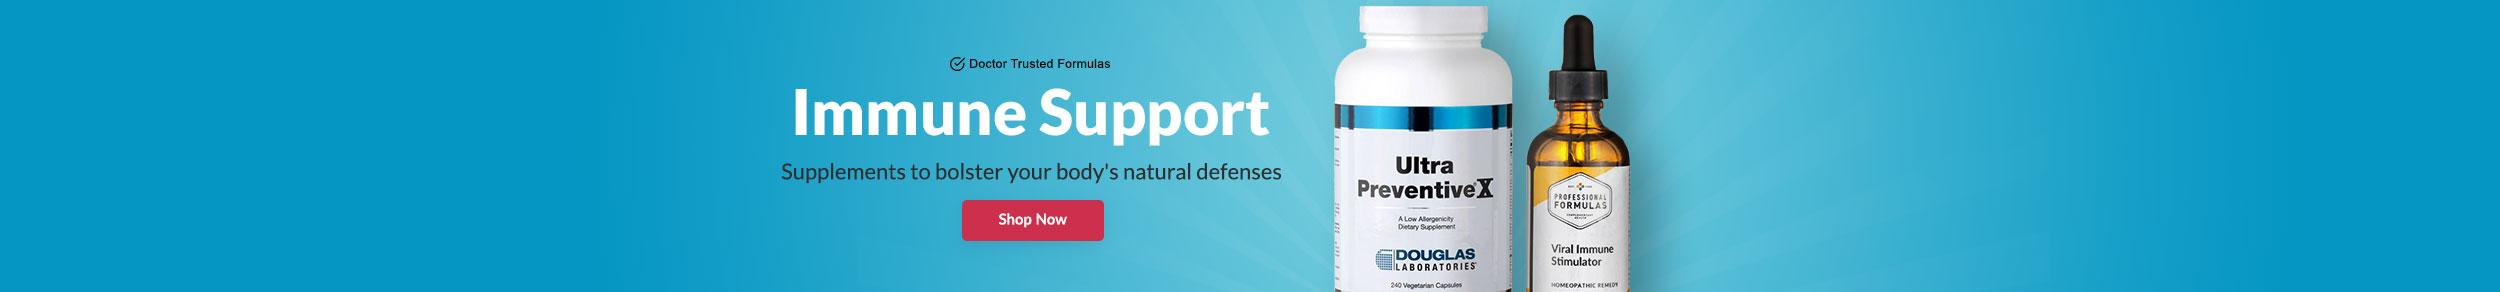 https://i3.pureformulas.net/images/static/Interest-Immune-Support_slide1_053118.jpg